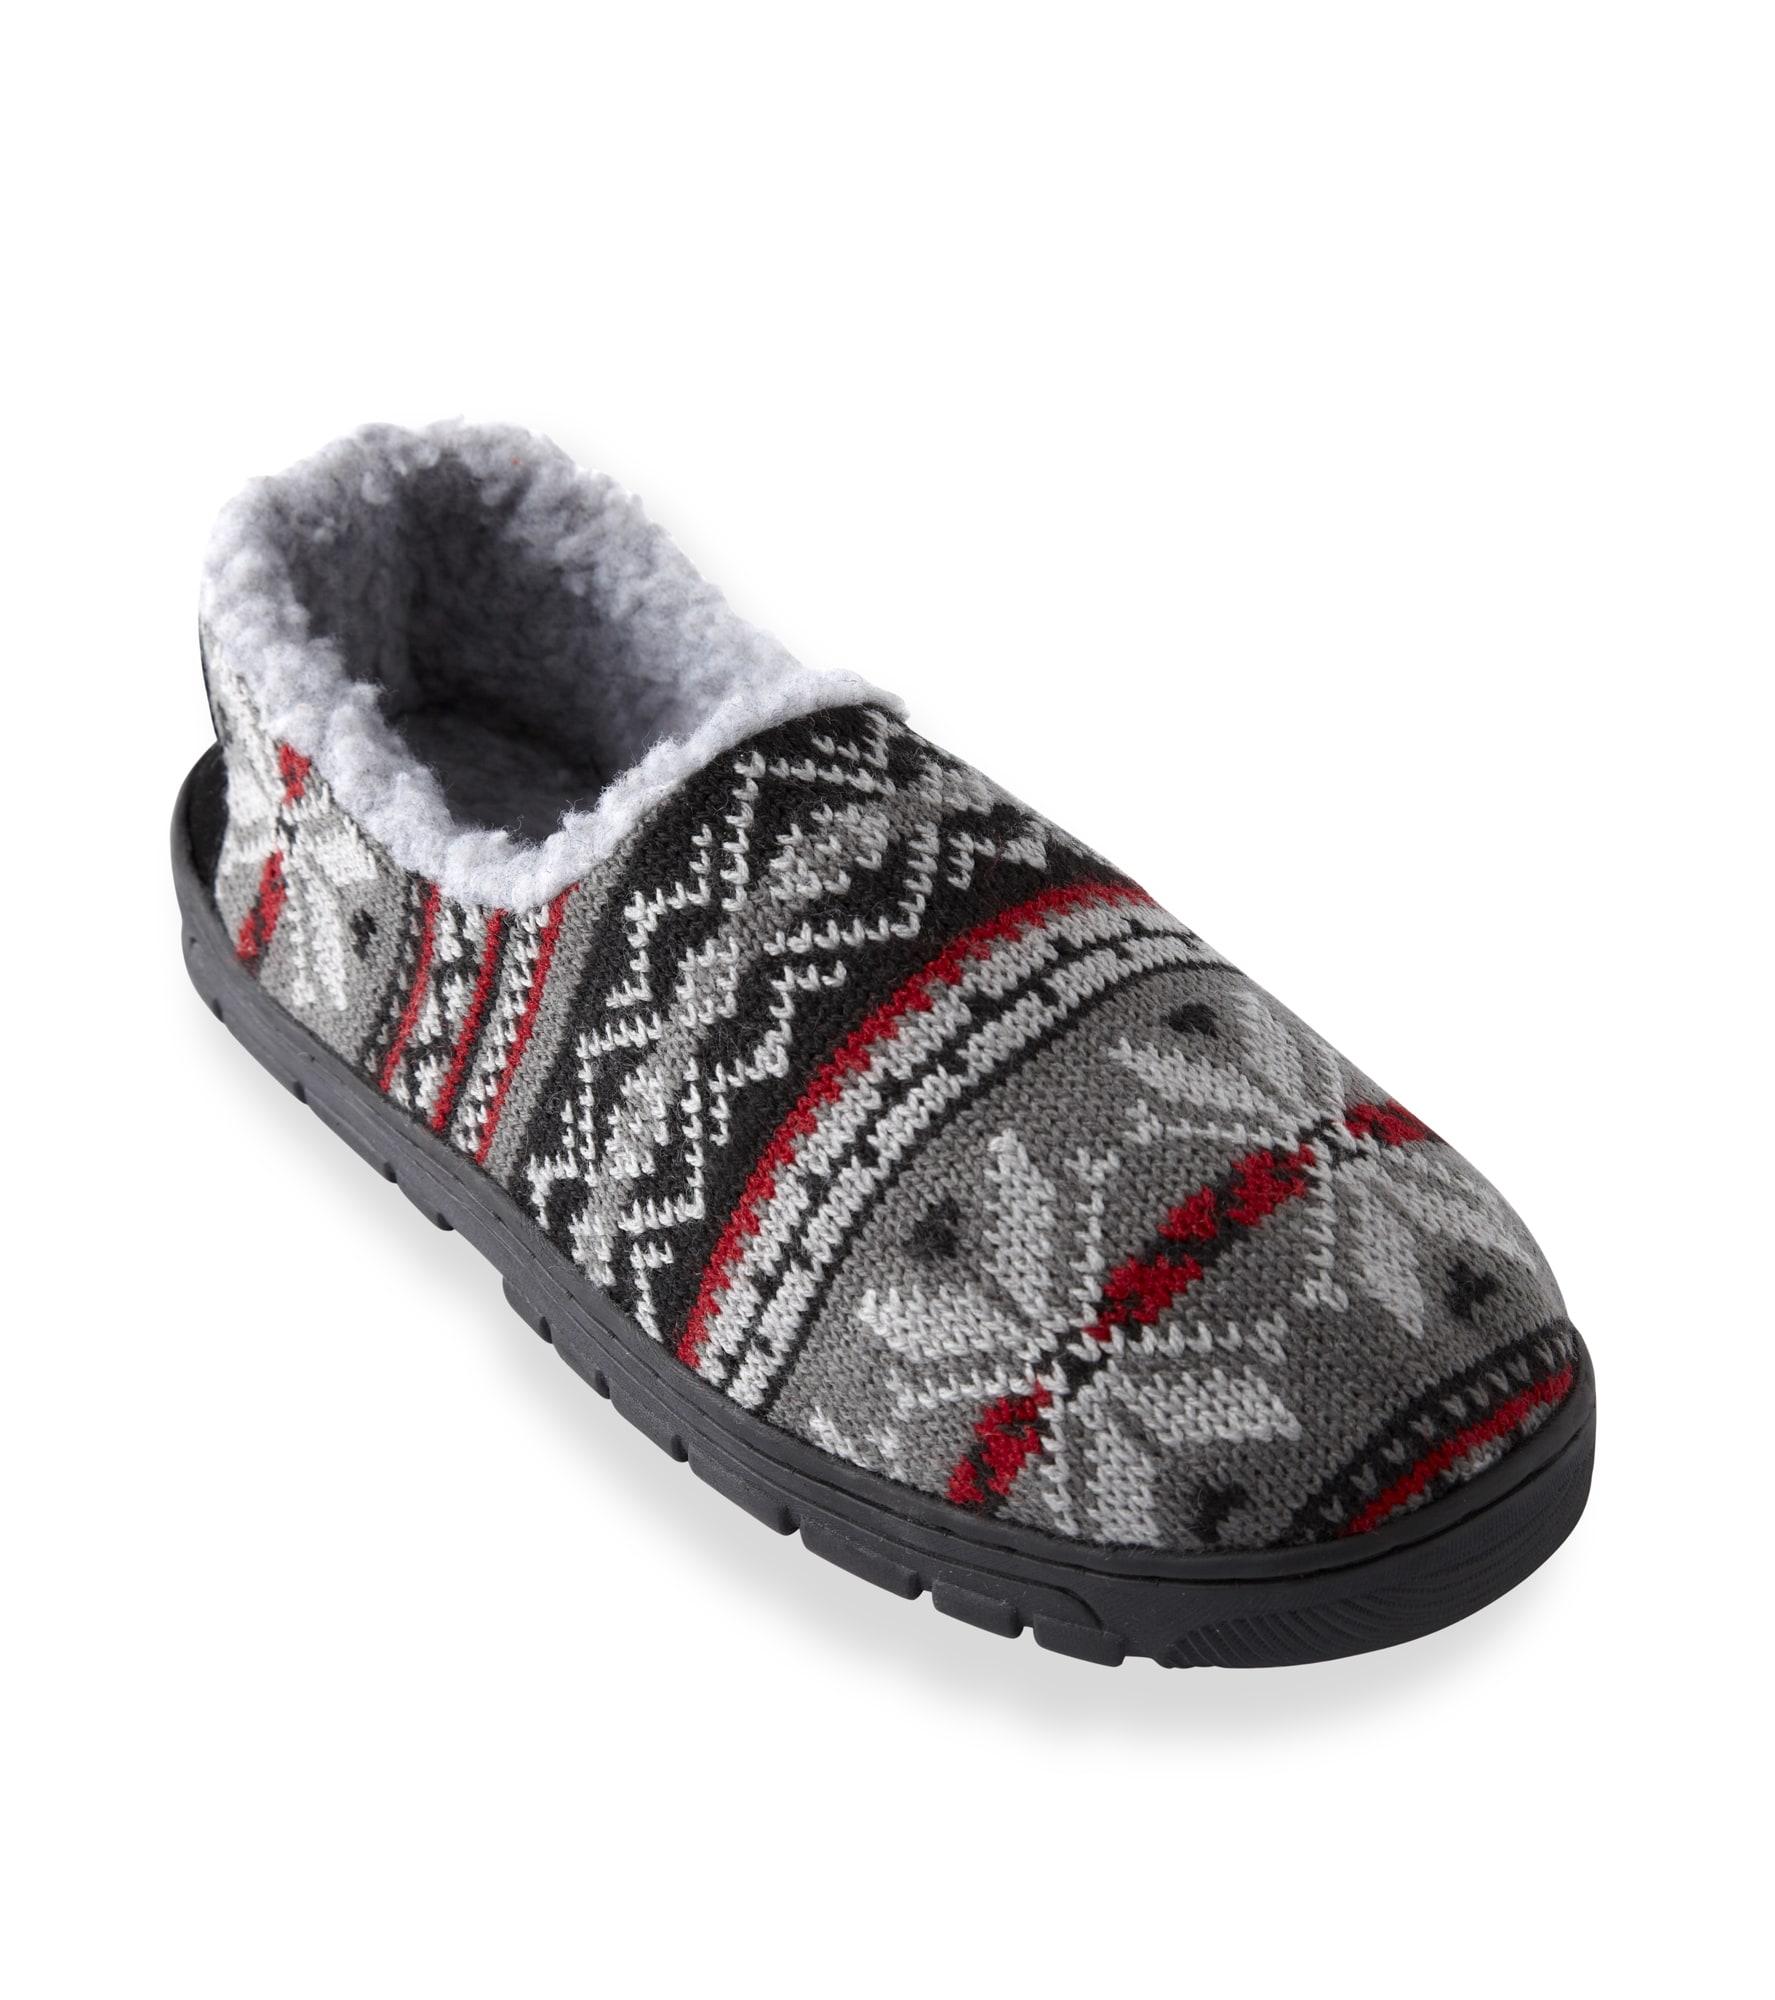 Muk Luks Men's 'John' Red Fairisle Knit Foot Slippers